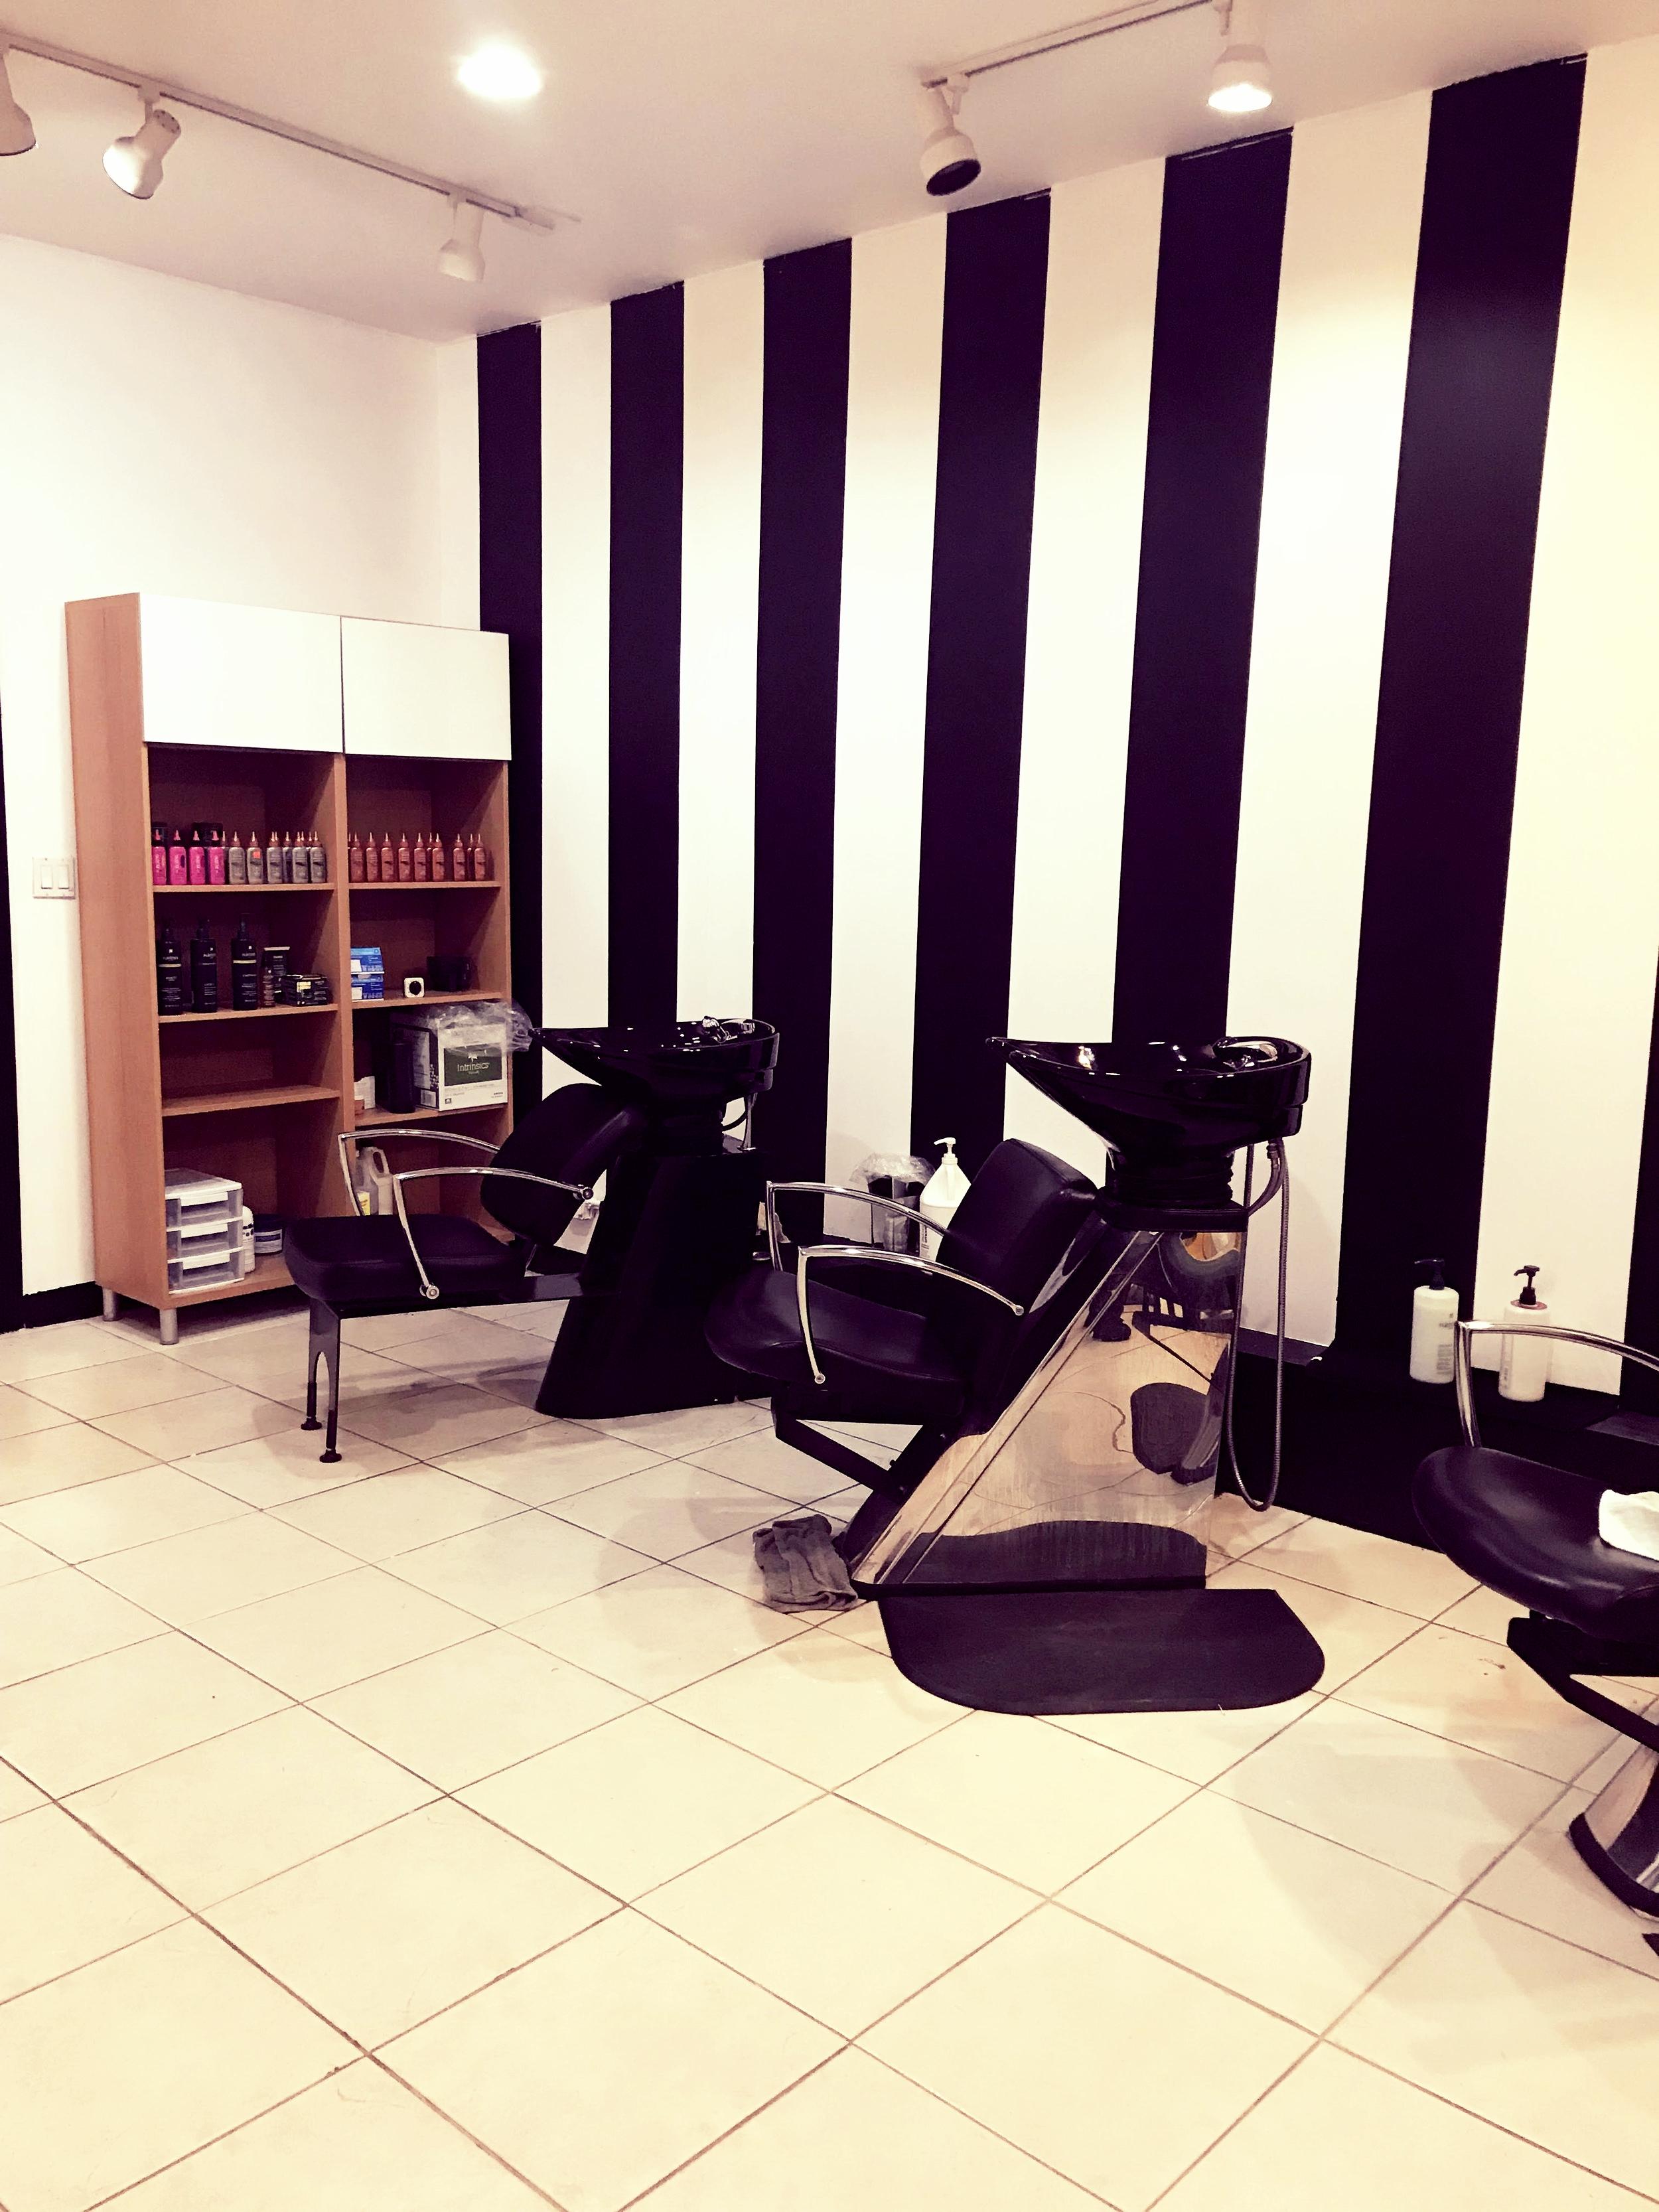 salon-chair.jpg